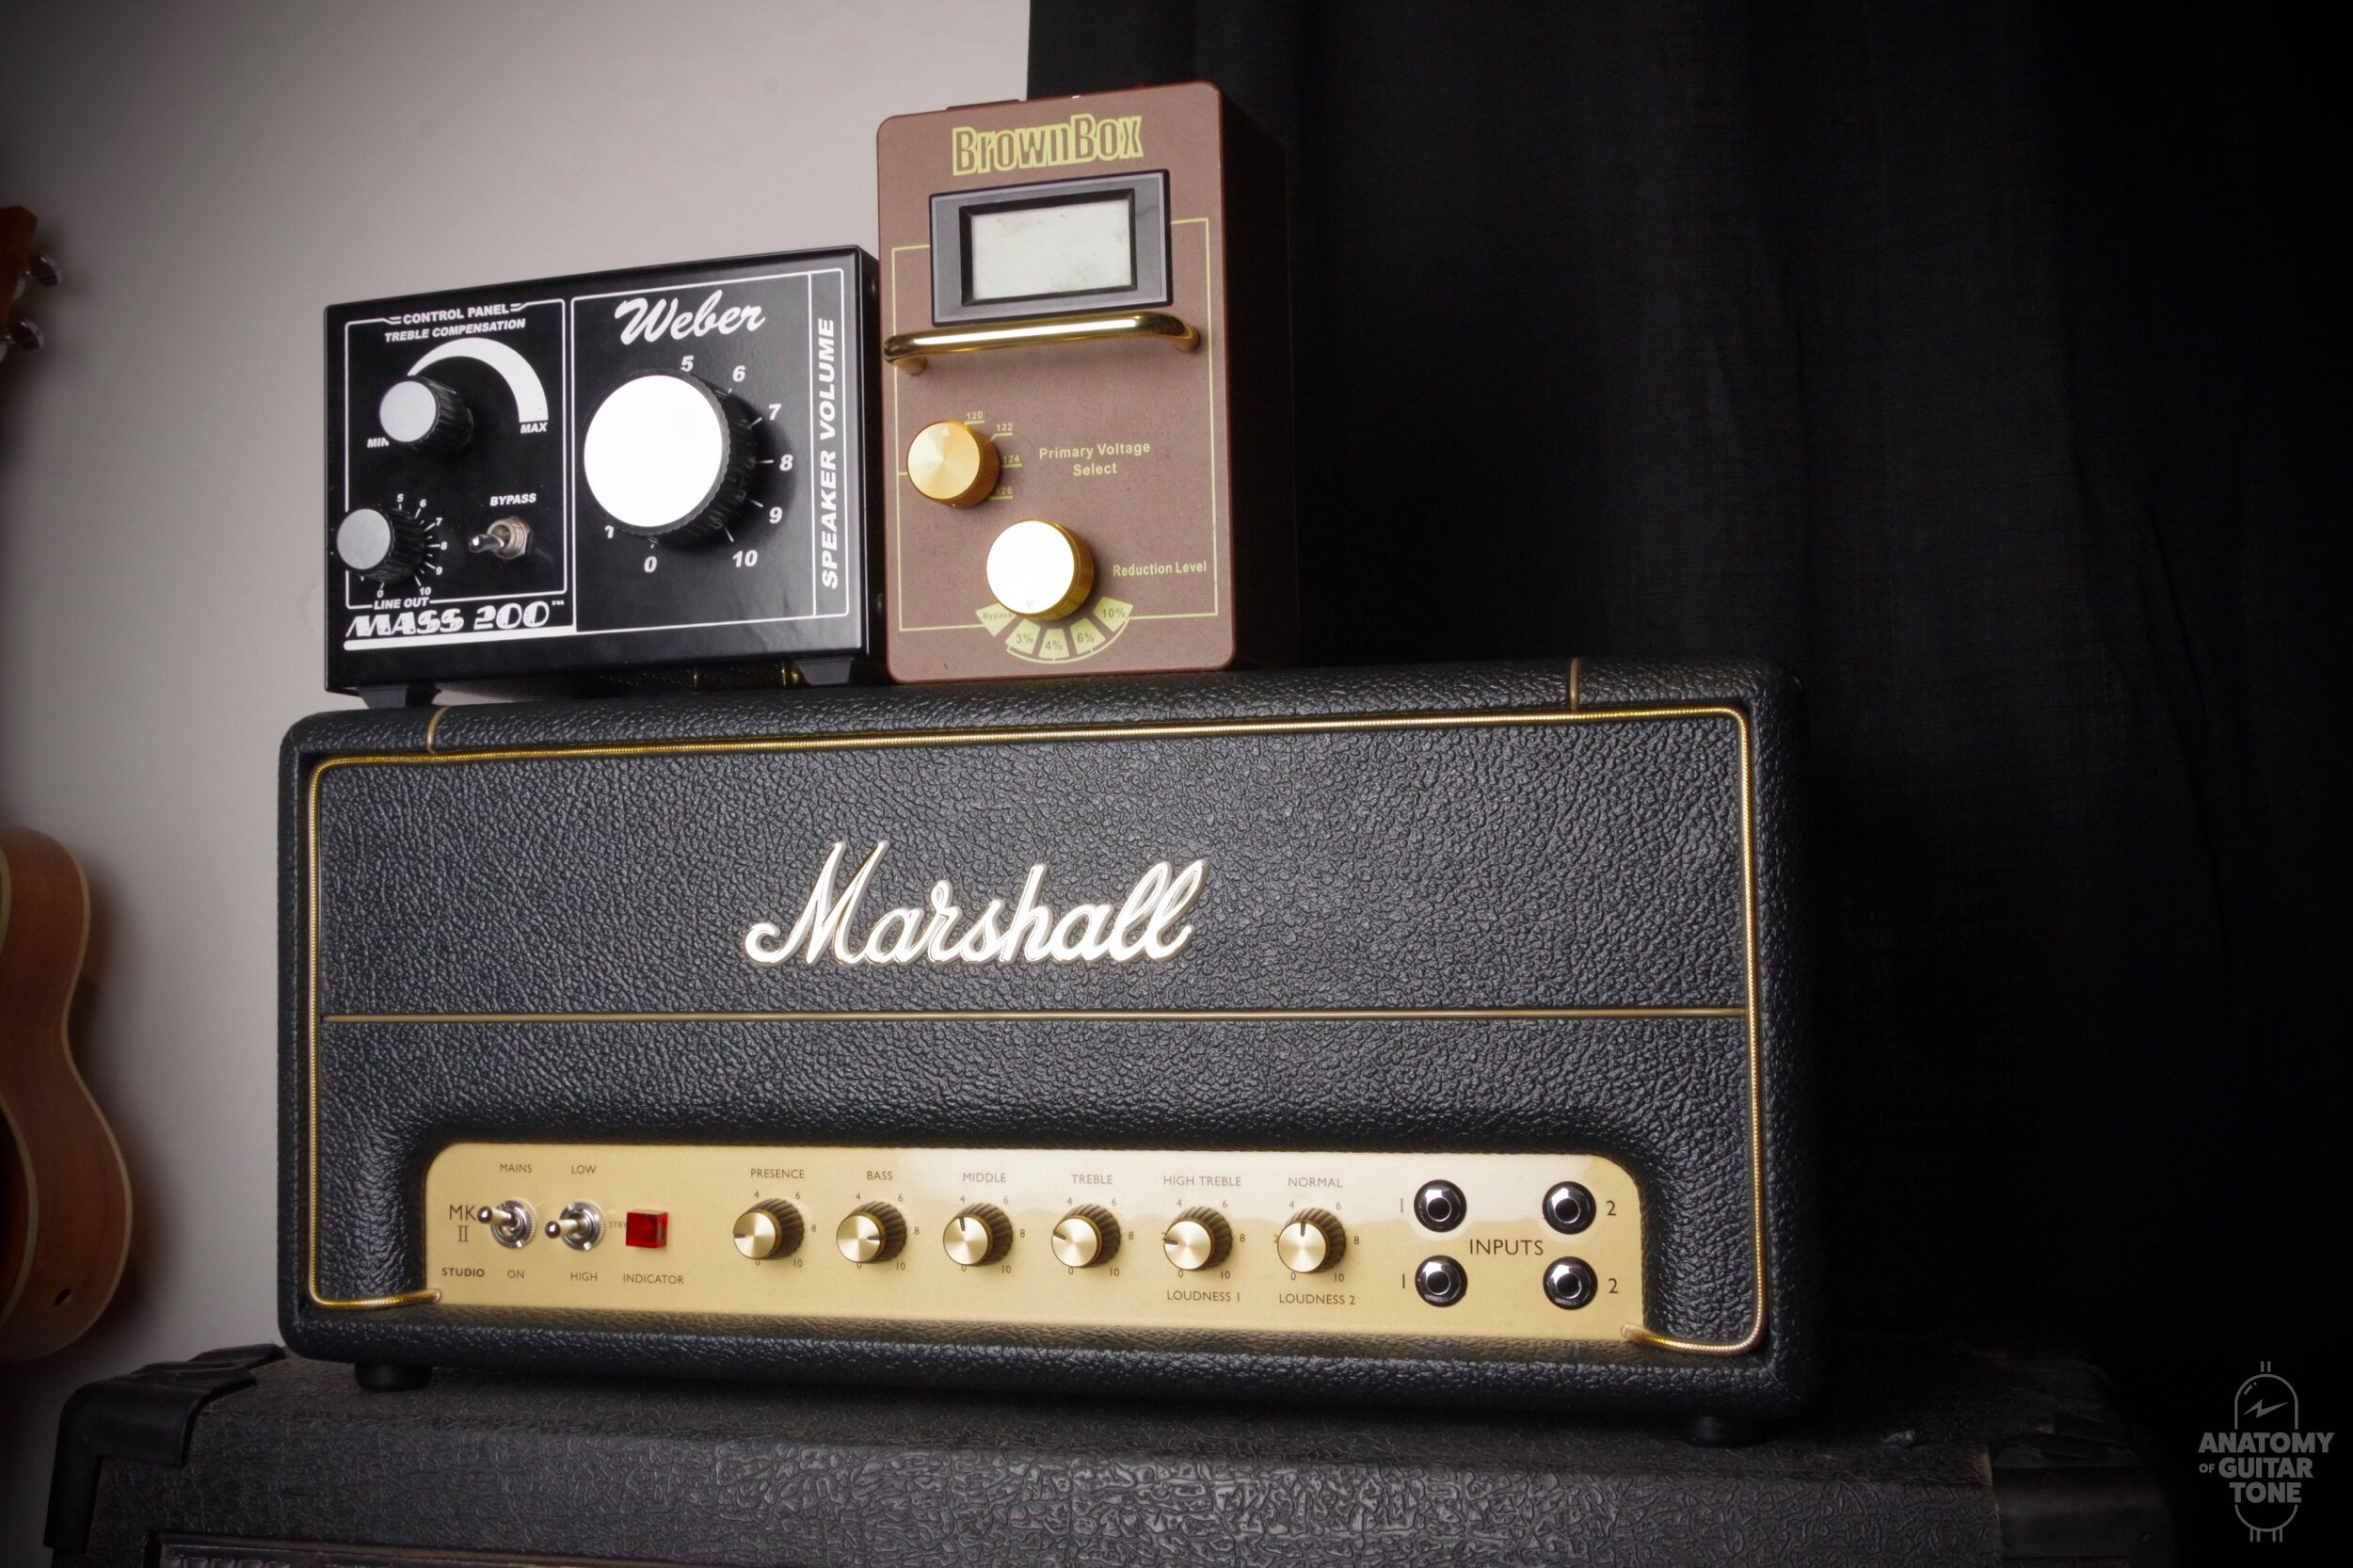 Marshall SV20H with Brown Box and Mass 200.jpeg